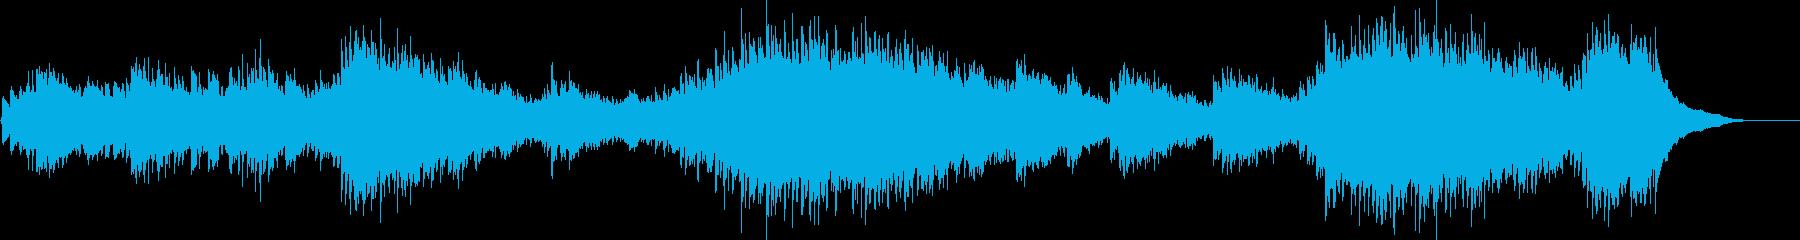 歩くスピードのほんわか&かわいいピアノの再生済みの波形